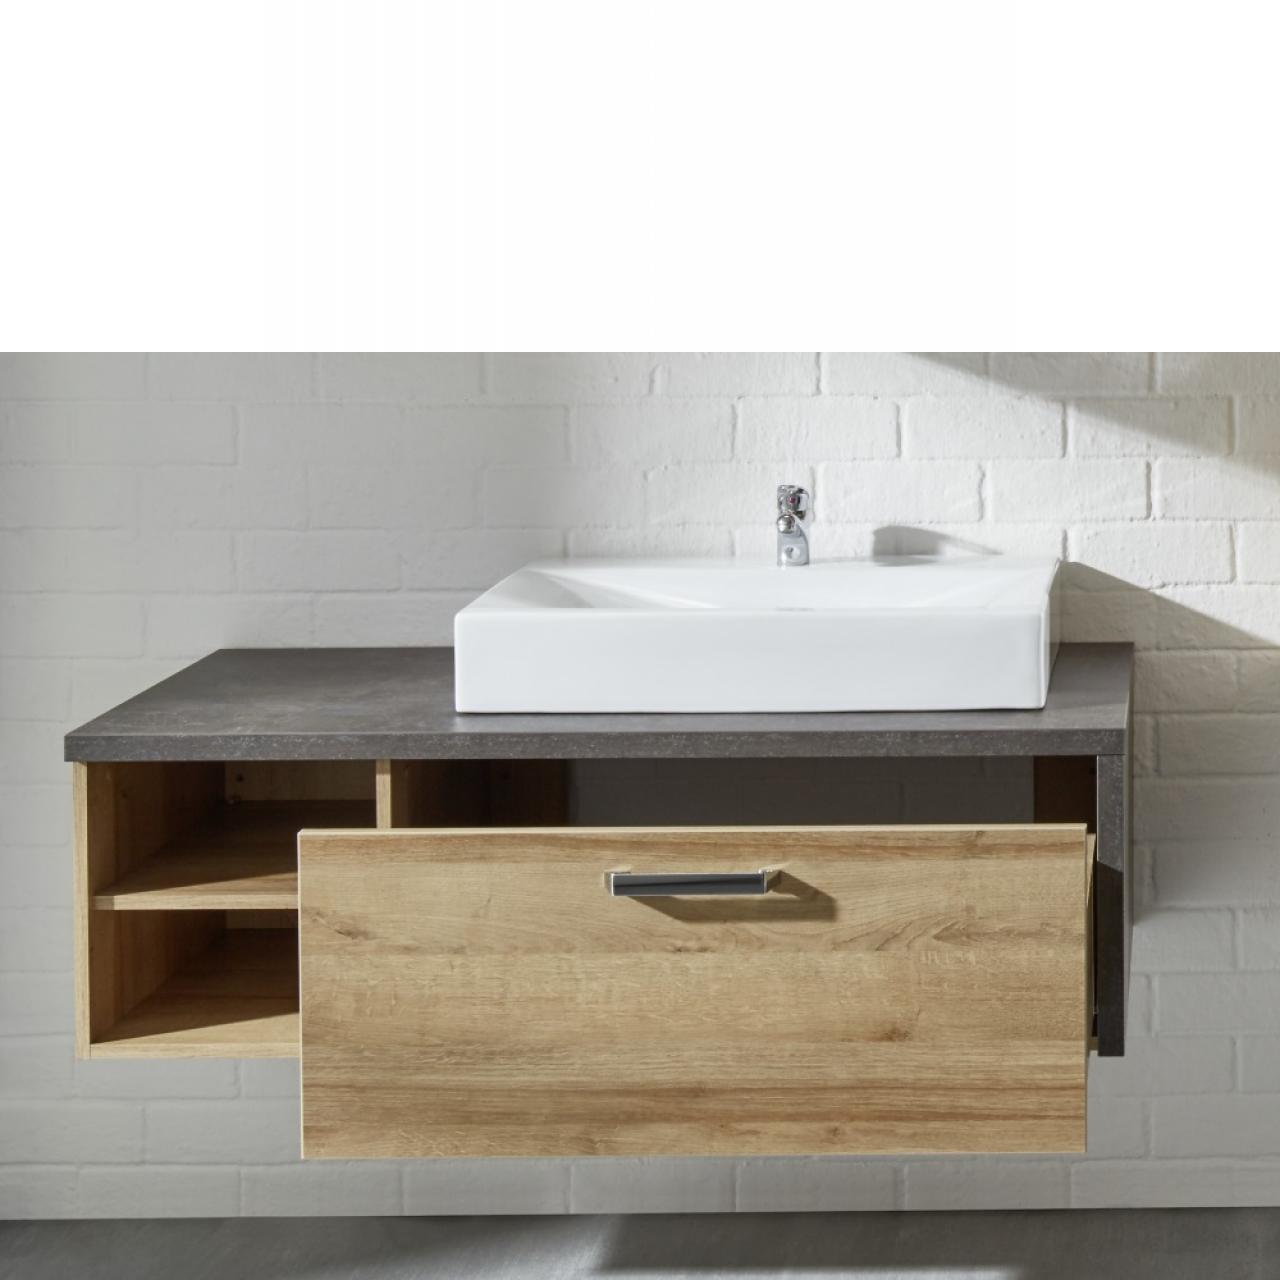 Badm bel bay waschbeckenunterschrank inkl waschbecken m bel j hnichen center gmbh for Badmobel aufsatzwaschbecken